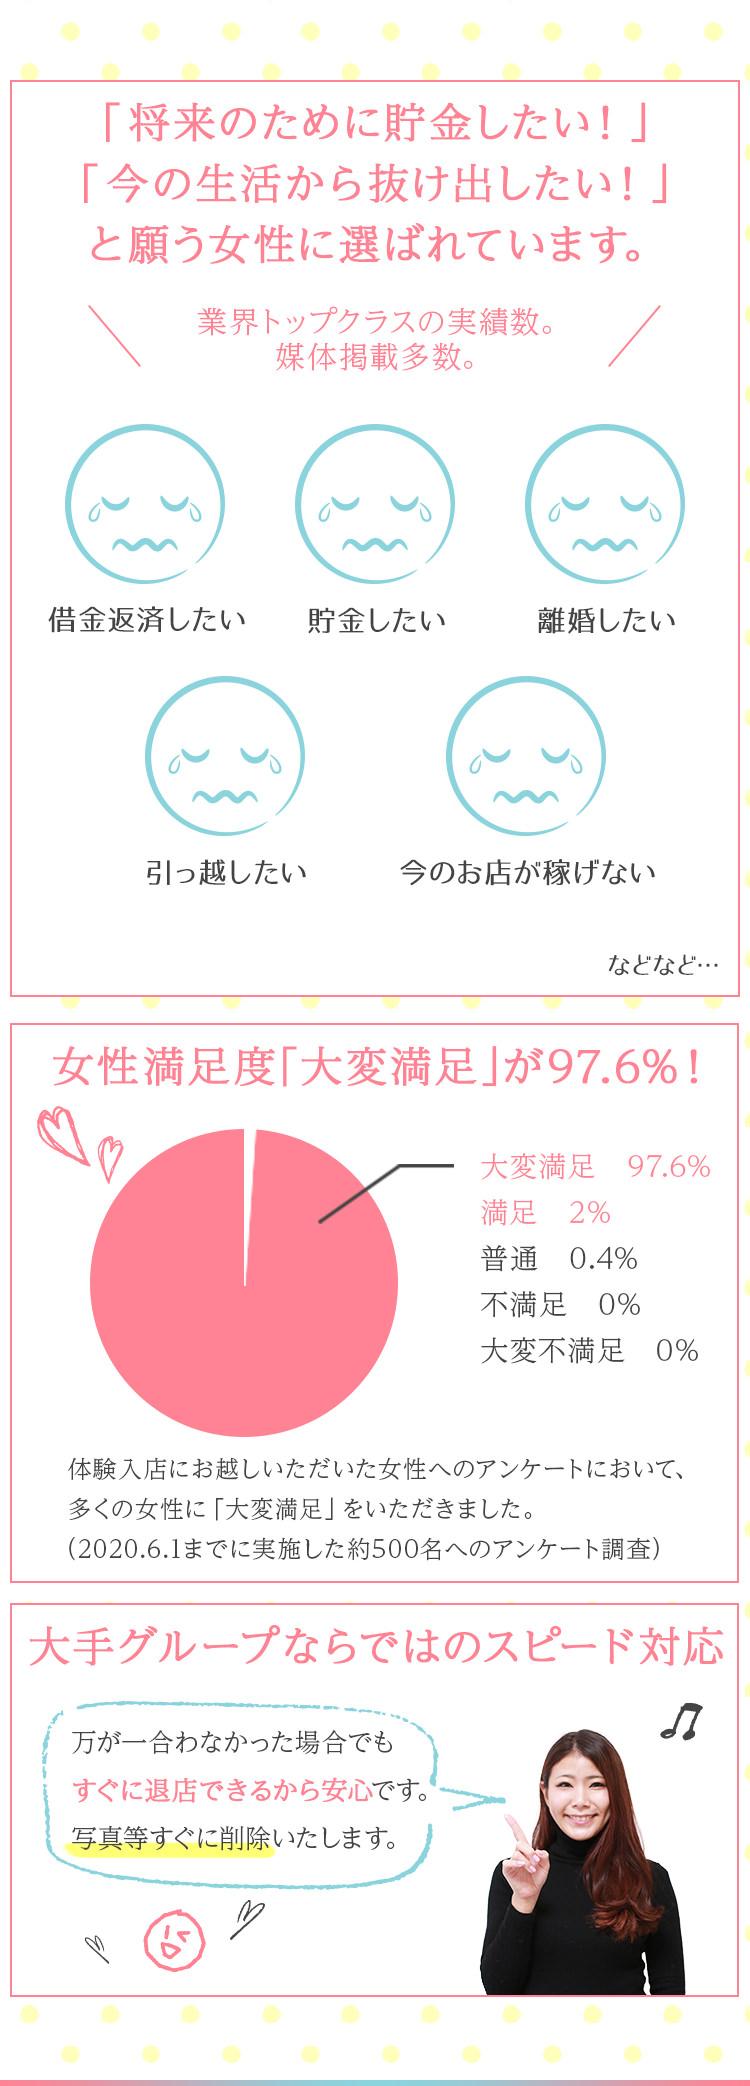 200701_shiro_sec05.jpg